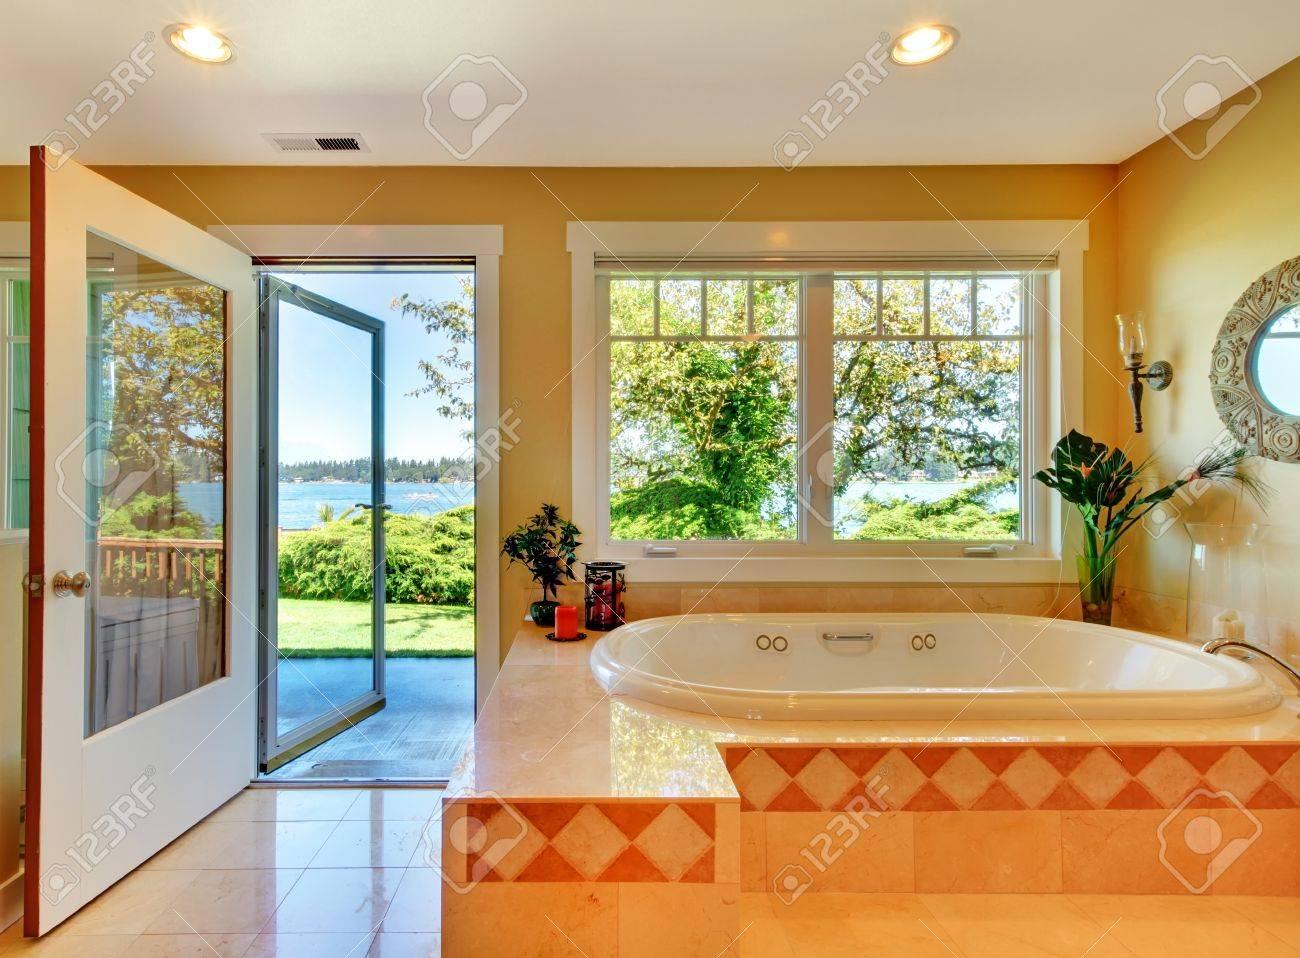 Gran cuarto de baño con bañera Ver amarillo y el lago y la puerta abierta.